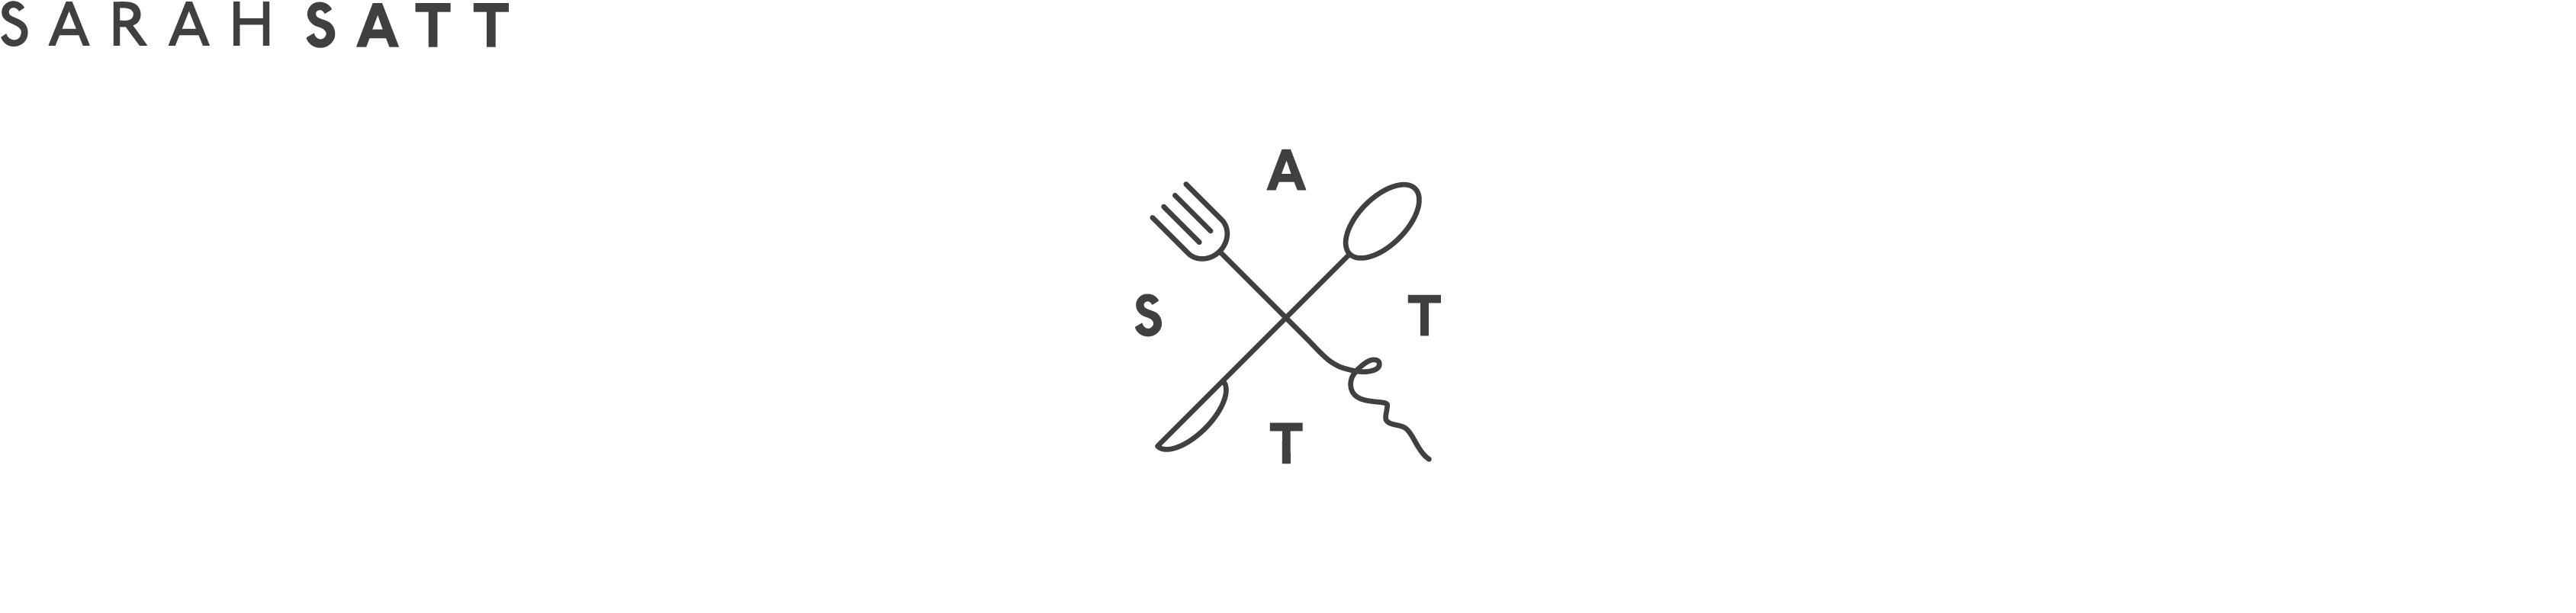 Sarah Satt | SATT GETEXTET e.U. - Der Appetit kommt beim Lesen |Bücher. Texte. Redaktion.